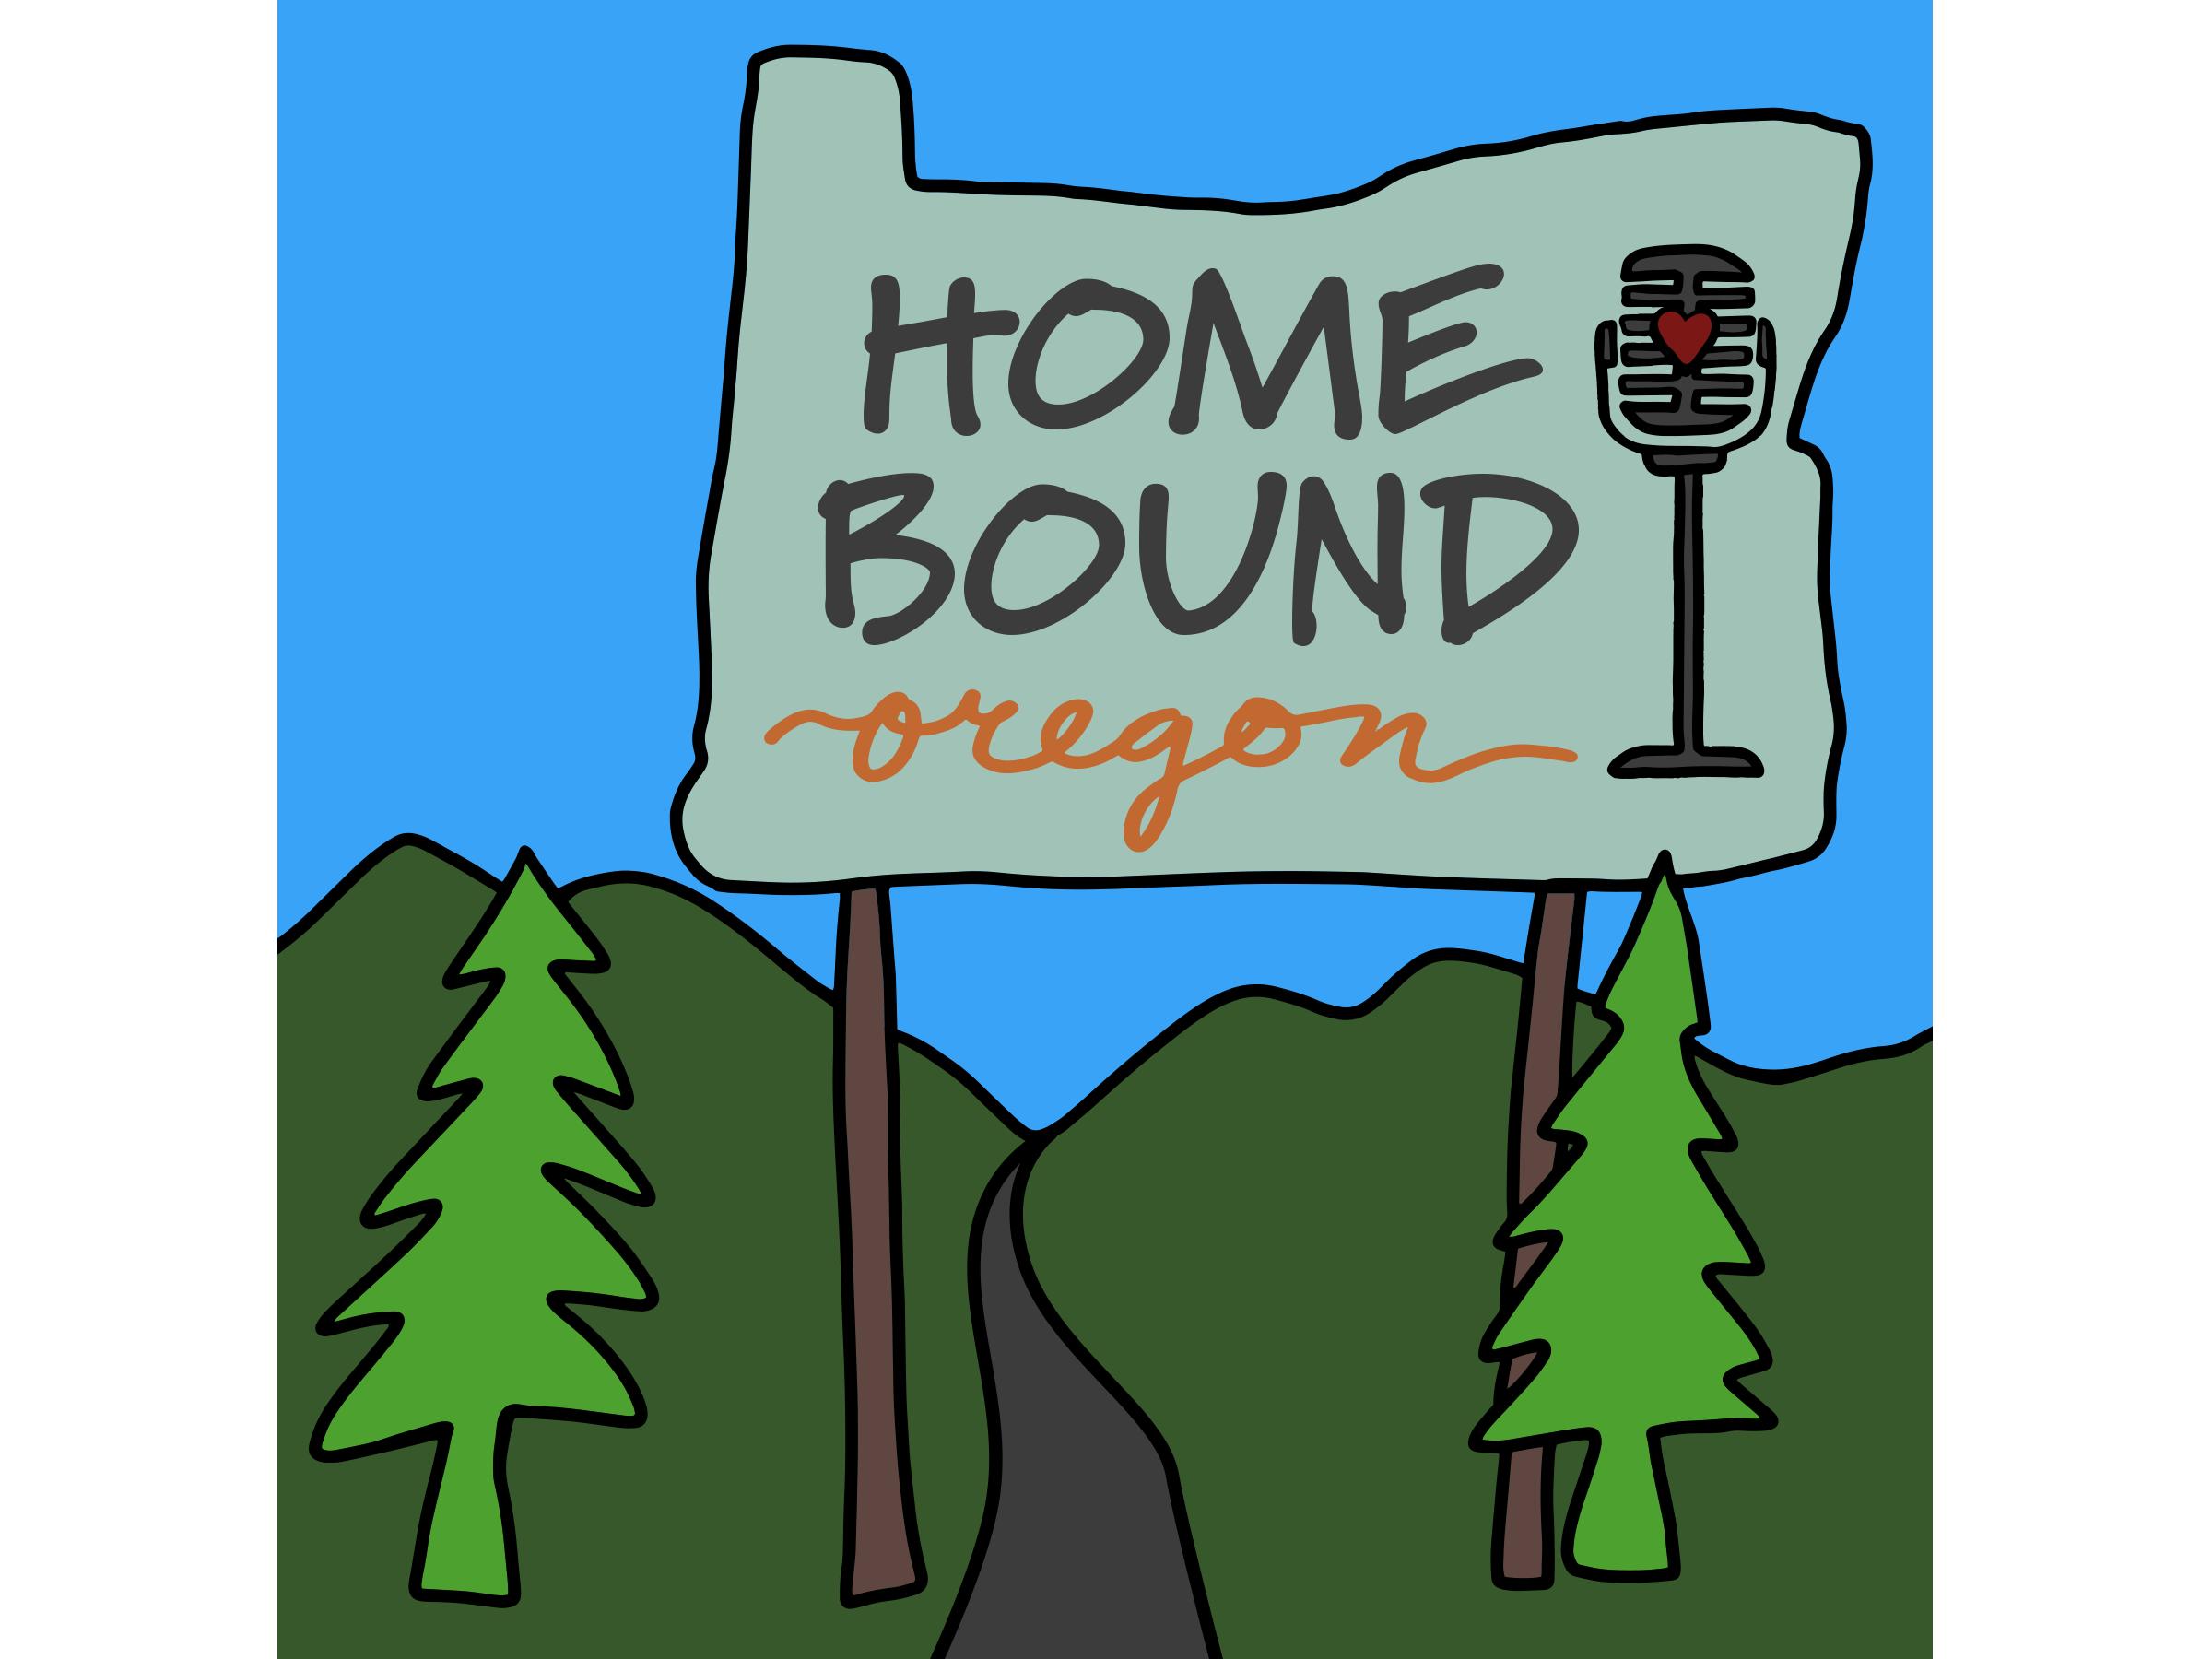 Home Bound Oregon